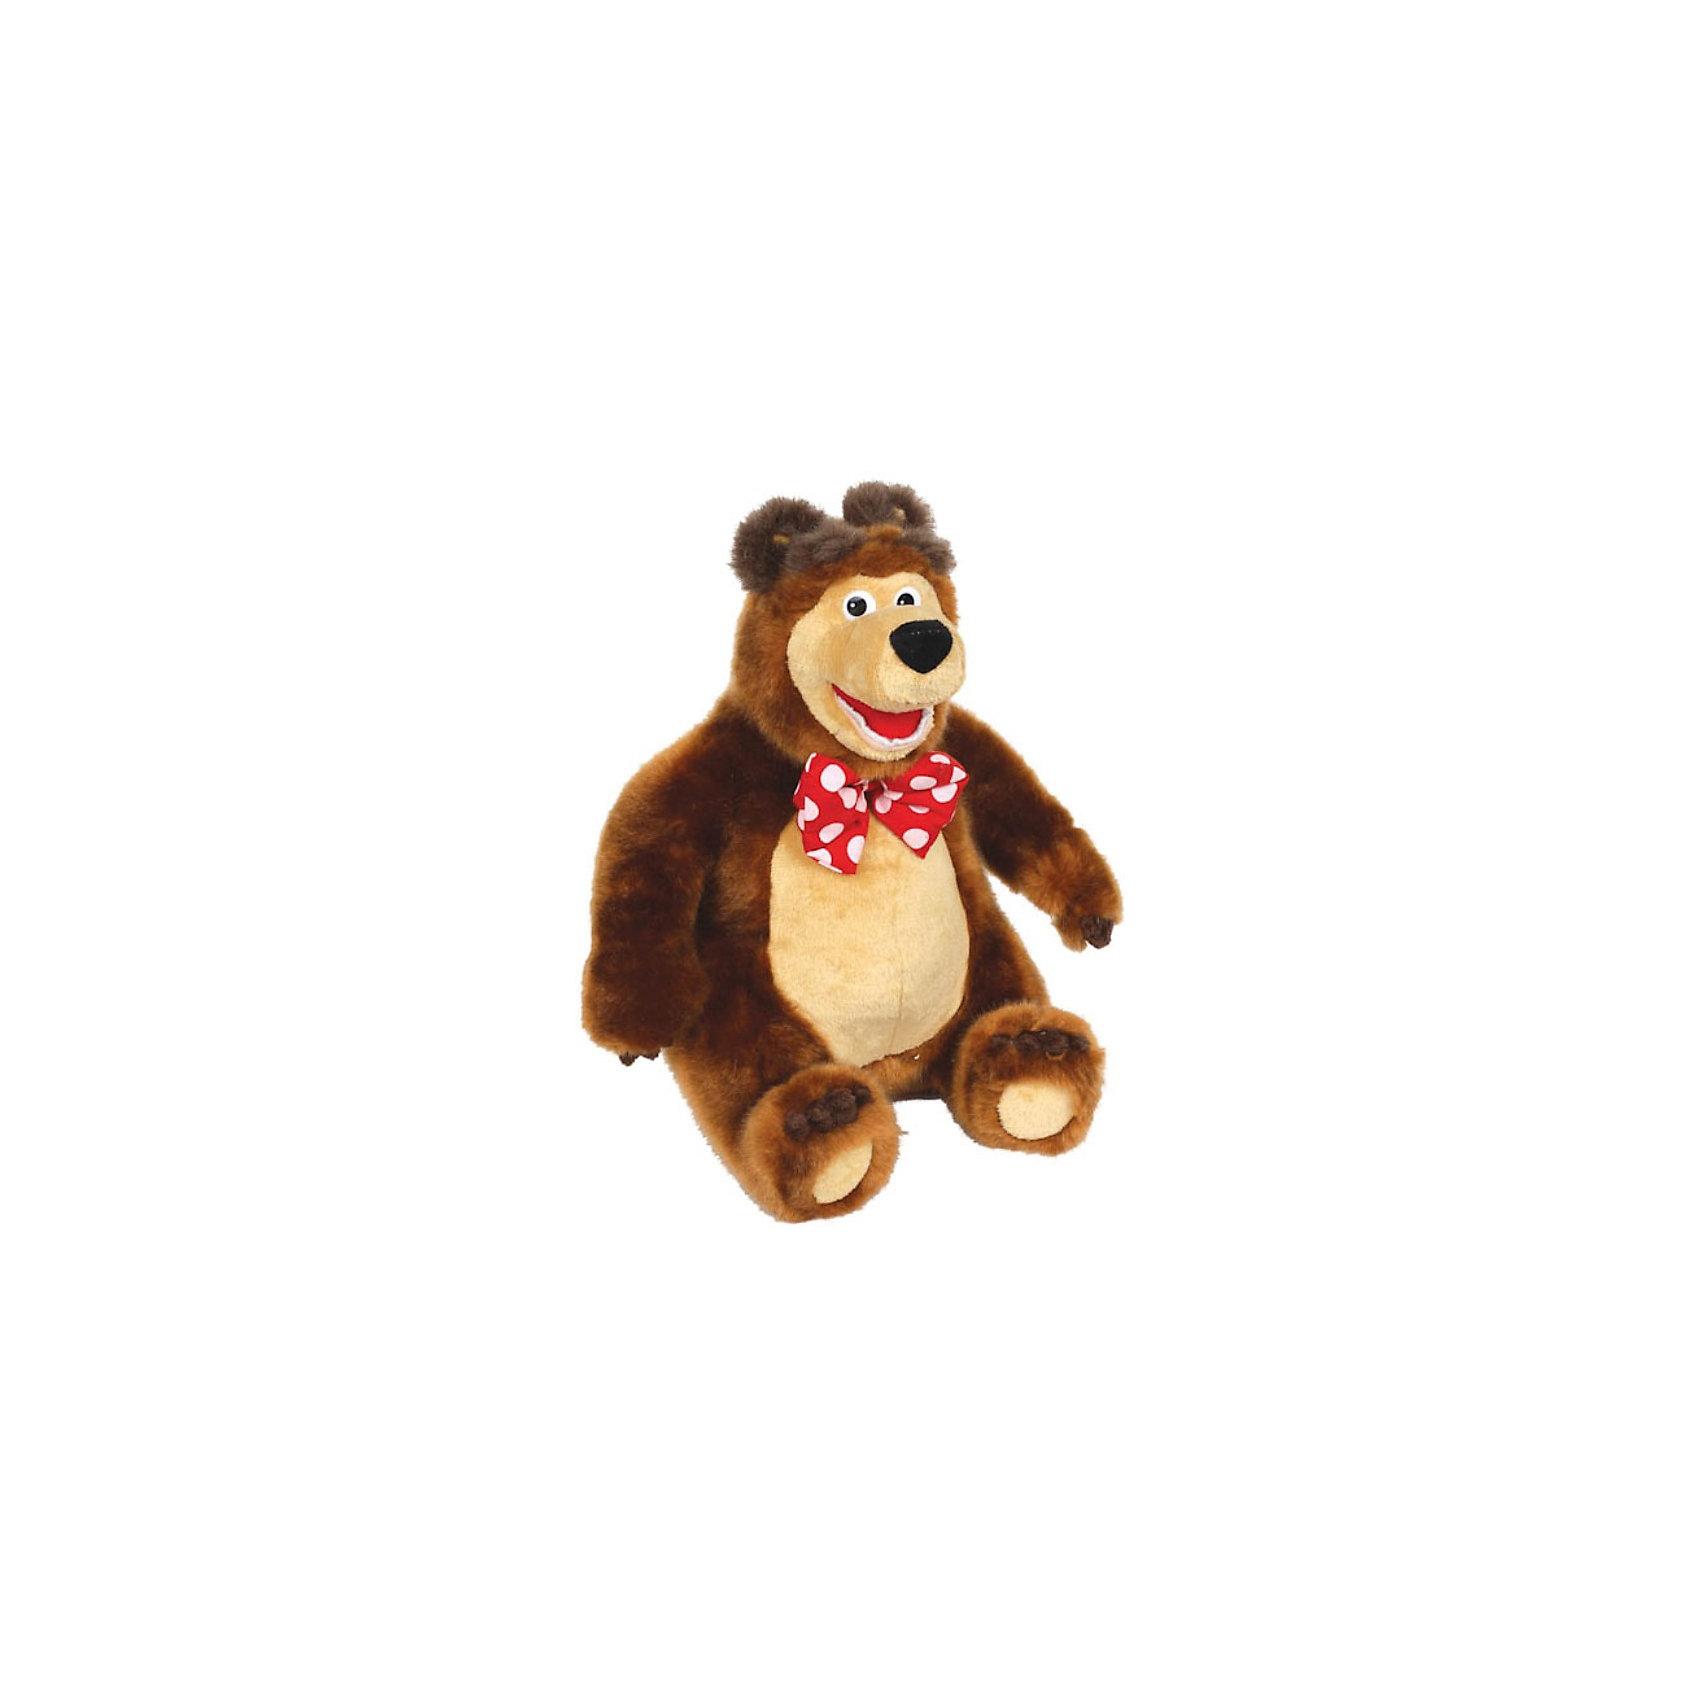 Мягкая игрушка Мишка, Маша и Медведь, МУЛЬТИ-ПУЛЬТИЛюбимые герои<br>Забавный Мишка из популярного мультфильма Маша и Медведь умеет двигаться и рассказывает 3 сказки: Маша и Медведь, Вершки и корешки, Три медведя. Чтобы Мишка ожил нужно лишь нажать ему на левую лапку, на правой задней лапке имеется регулятор громкости.<br><br>Дополнительная информация:<br><br>- Материал: искусственный мех, текстиль, набивка: полиэфирное волокно.<br>- Требуются батарейки: 3 х АА. (входят в комплект) <br>- Размер игрушки: 17 ? 23,5 ? 14 см.<br>- Размер упаковки: 17,5 ? 33 ? 18 см.<br>- Вес: 1,170 кг.<br><br>Мягкую игрушку Мишка, Маша и Медведь, Мульти-Пульти можно купить в нашем интернет-магазине.<br><br>Ширина мм: 180<br>Глубина мм: 170<br>Высота мм: 320<br>Вес г: 1170<br>Возраст от месяцев: 6<br>Возраст до месяцев: 60<br>Пол: Унисекс<br>Возраст: Детский<br>SKU: 3772334